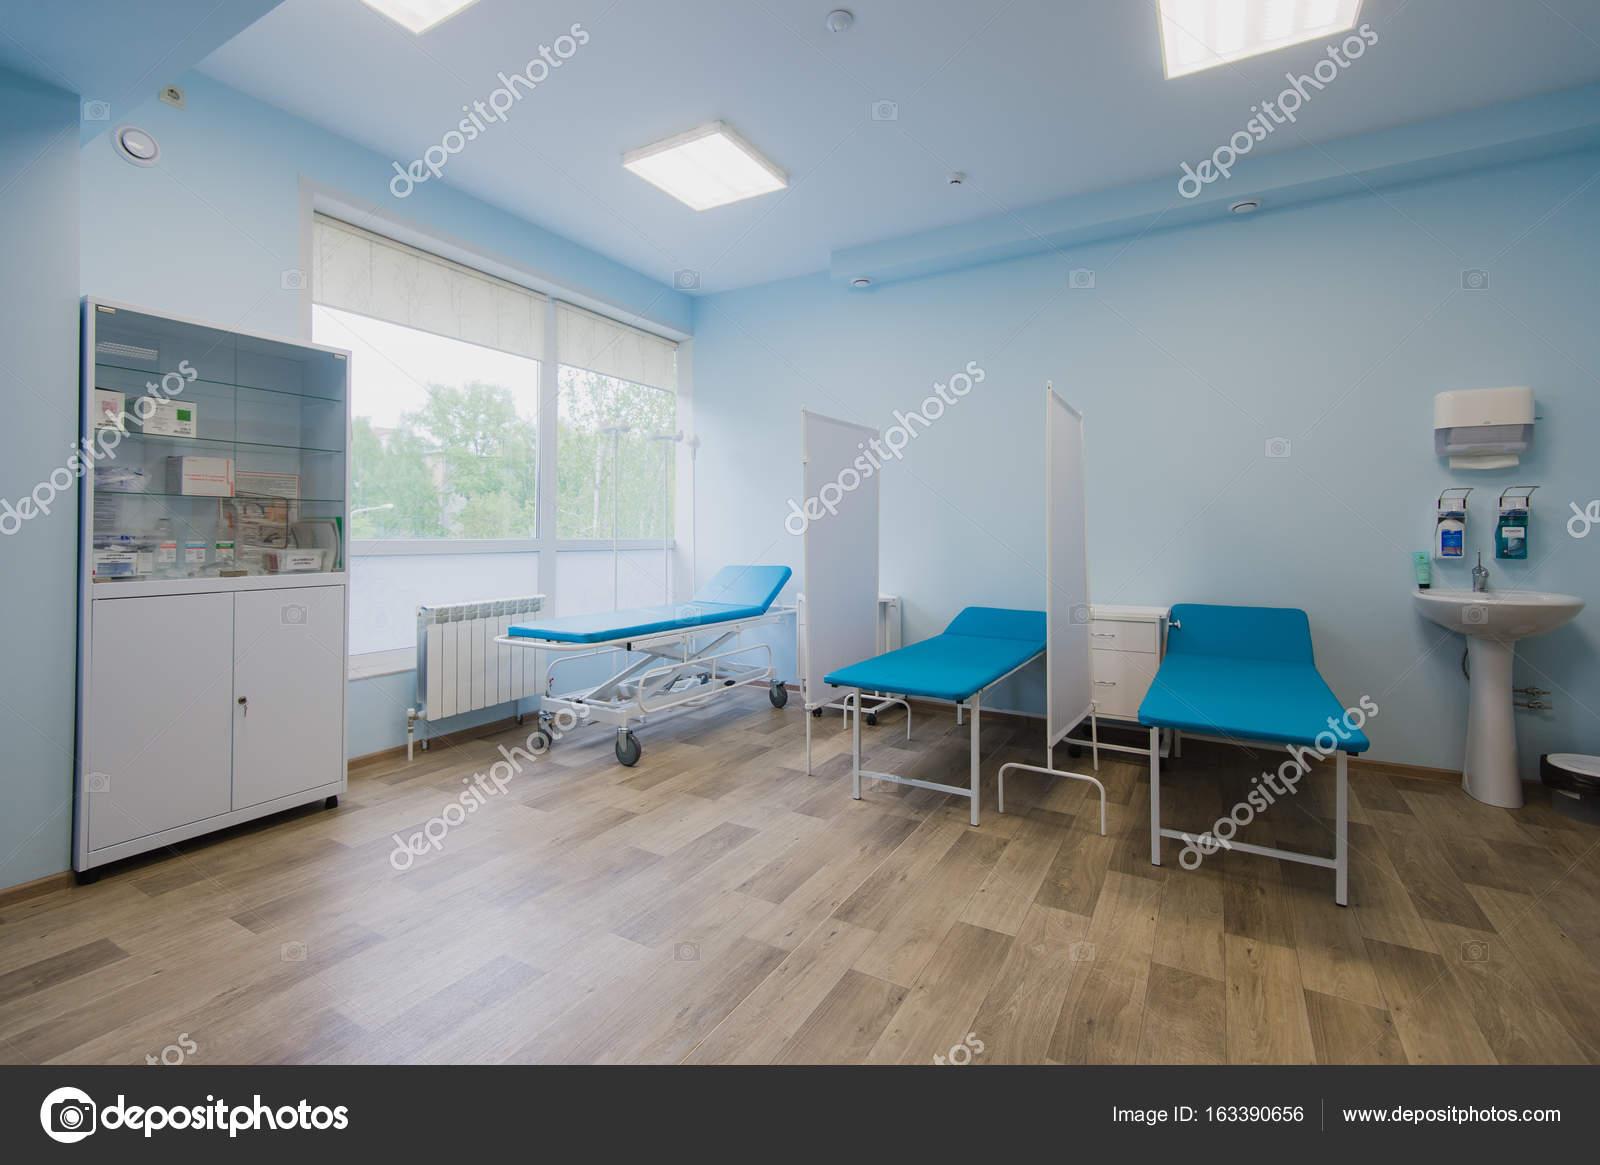 Genial Chambre Du0027hôpital Avec Lits Et Medical Confortable équipé Dans Un Hôpital  Moderneu2013 Images De Stock Libres De Droits